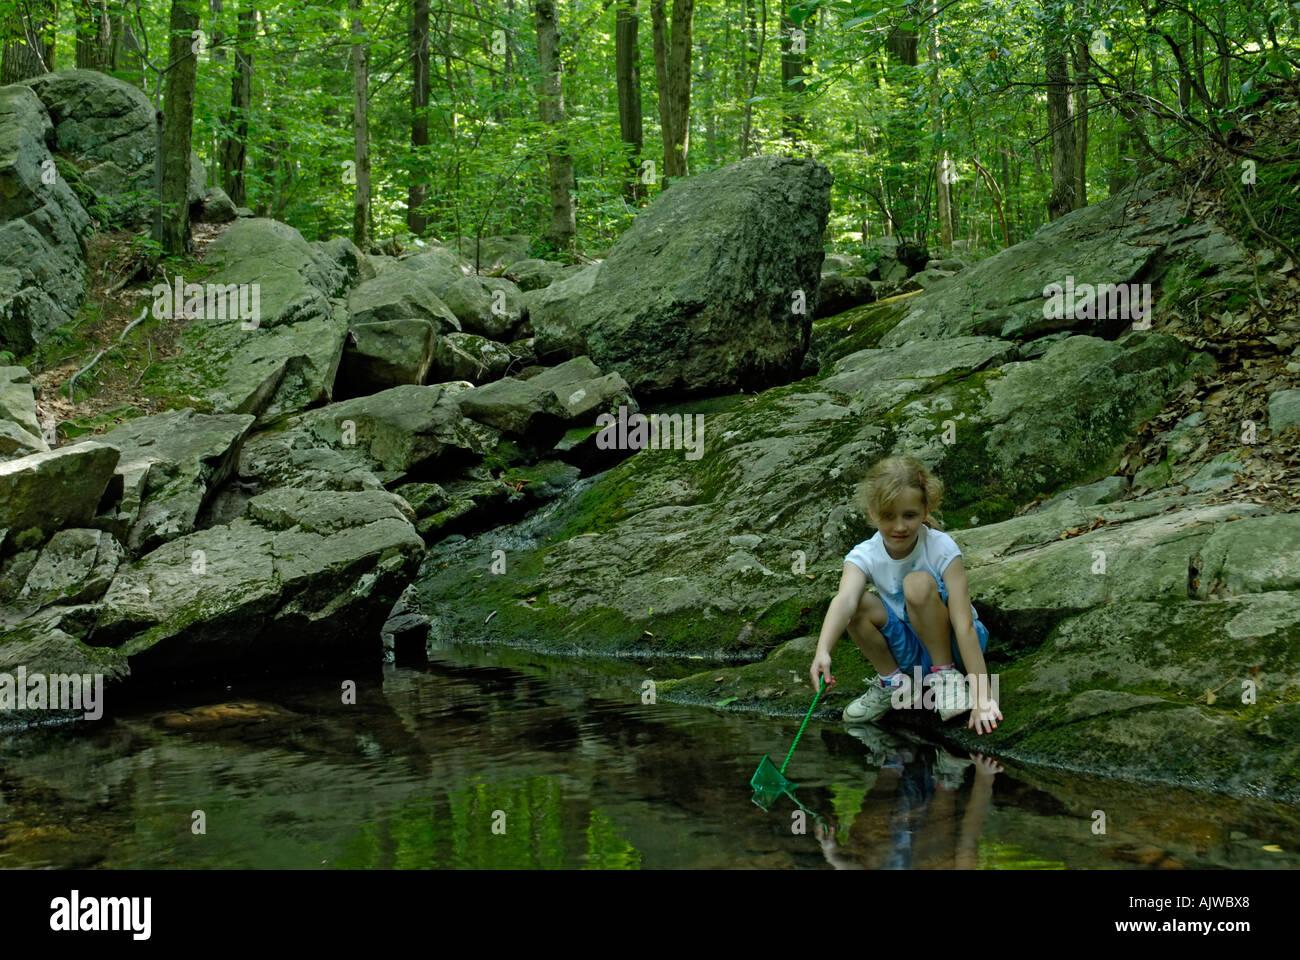 Muchacha con net busca atrapar ranas o peces en un arroyo en el bosque Imagen De Stock